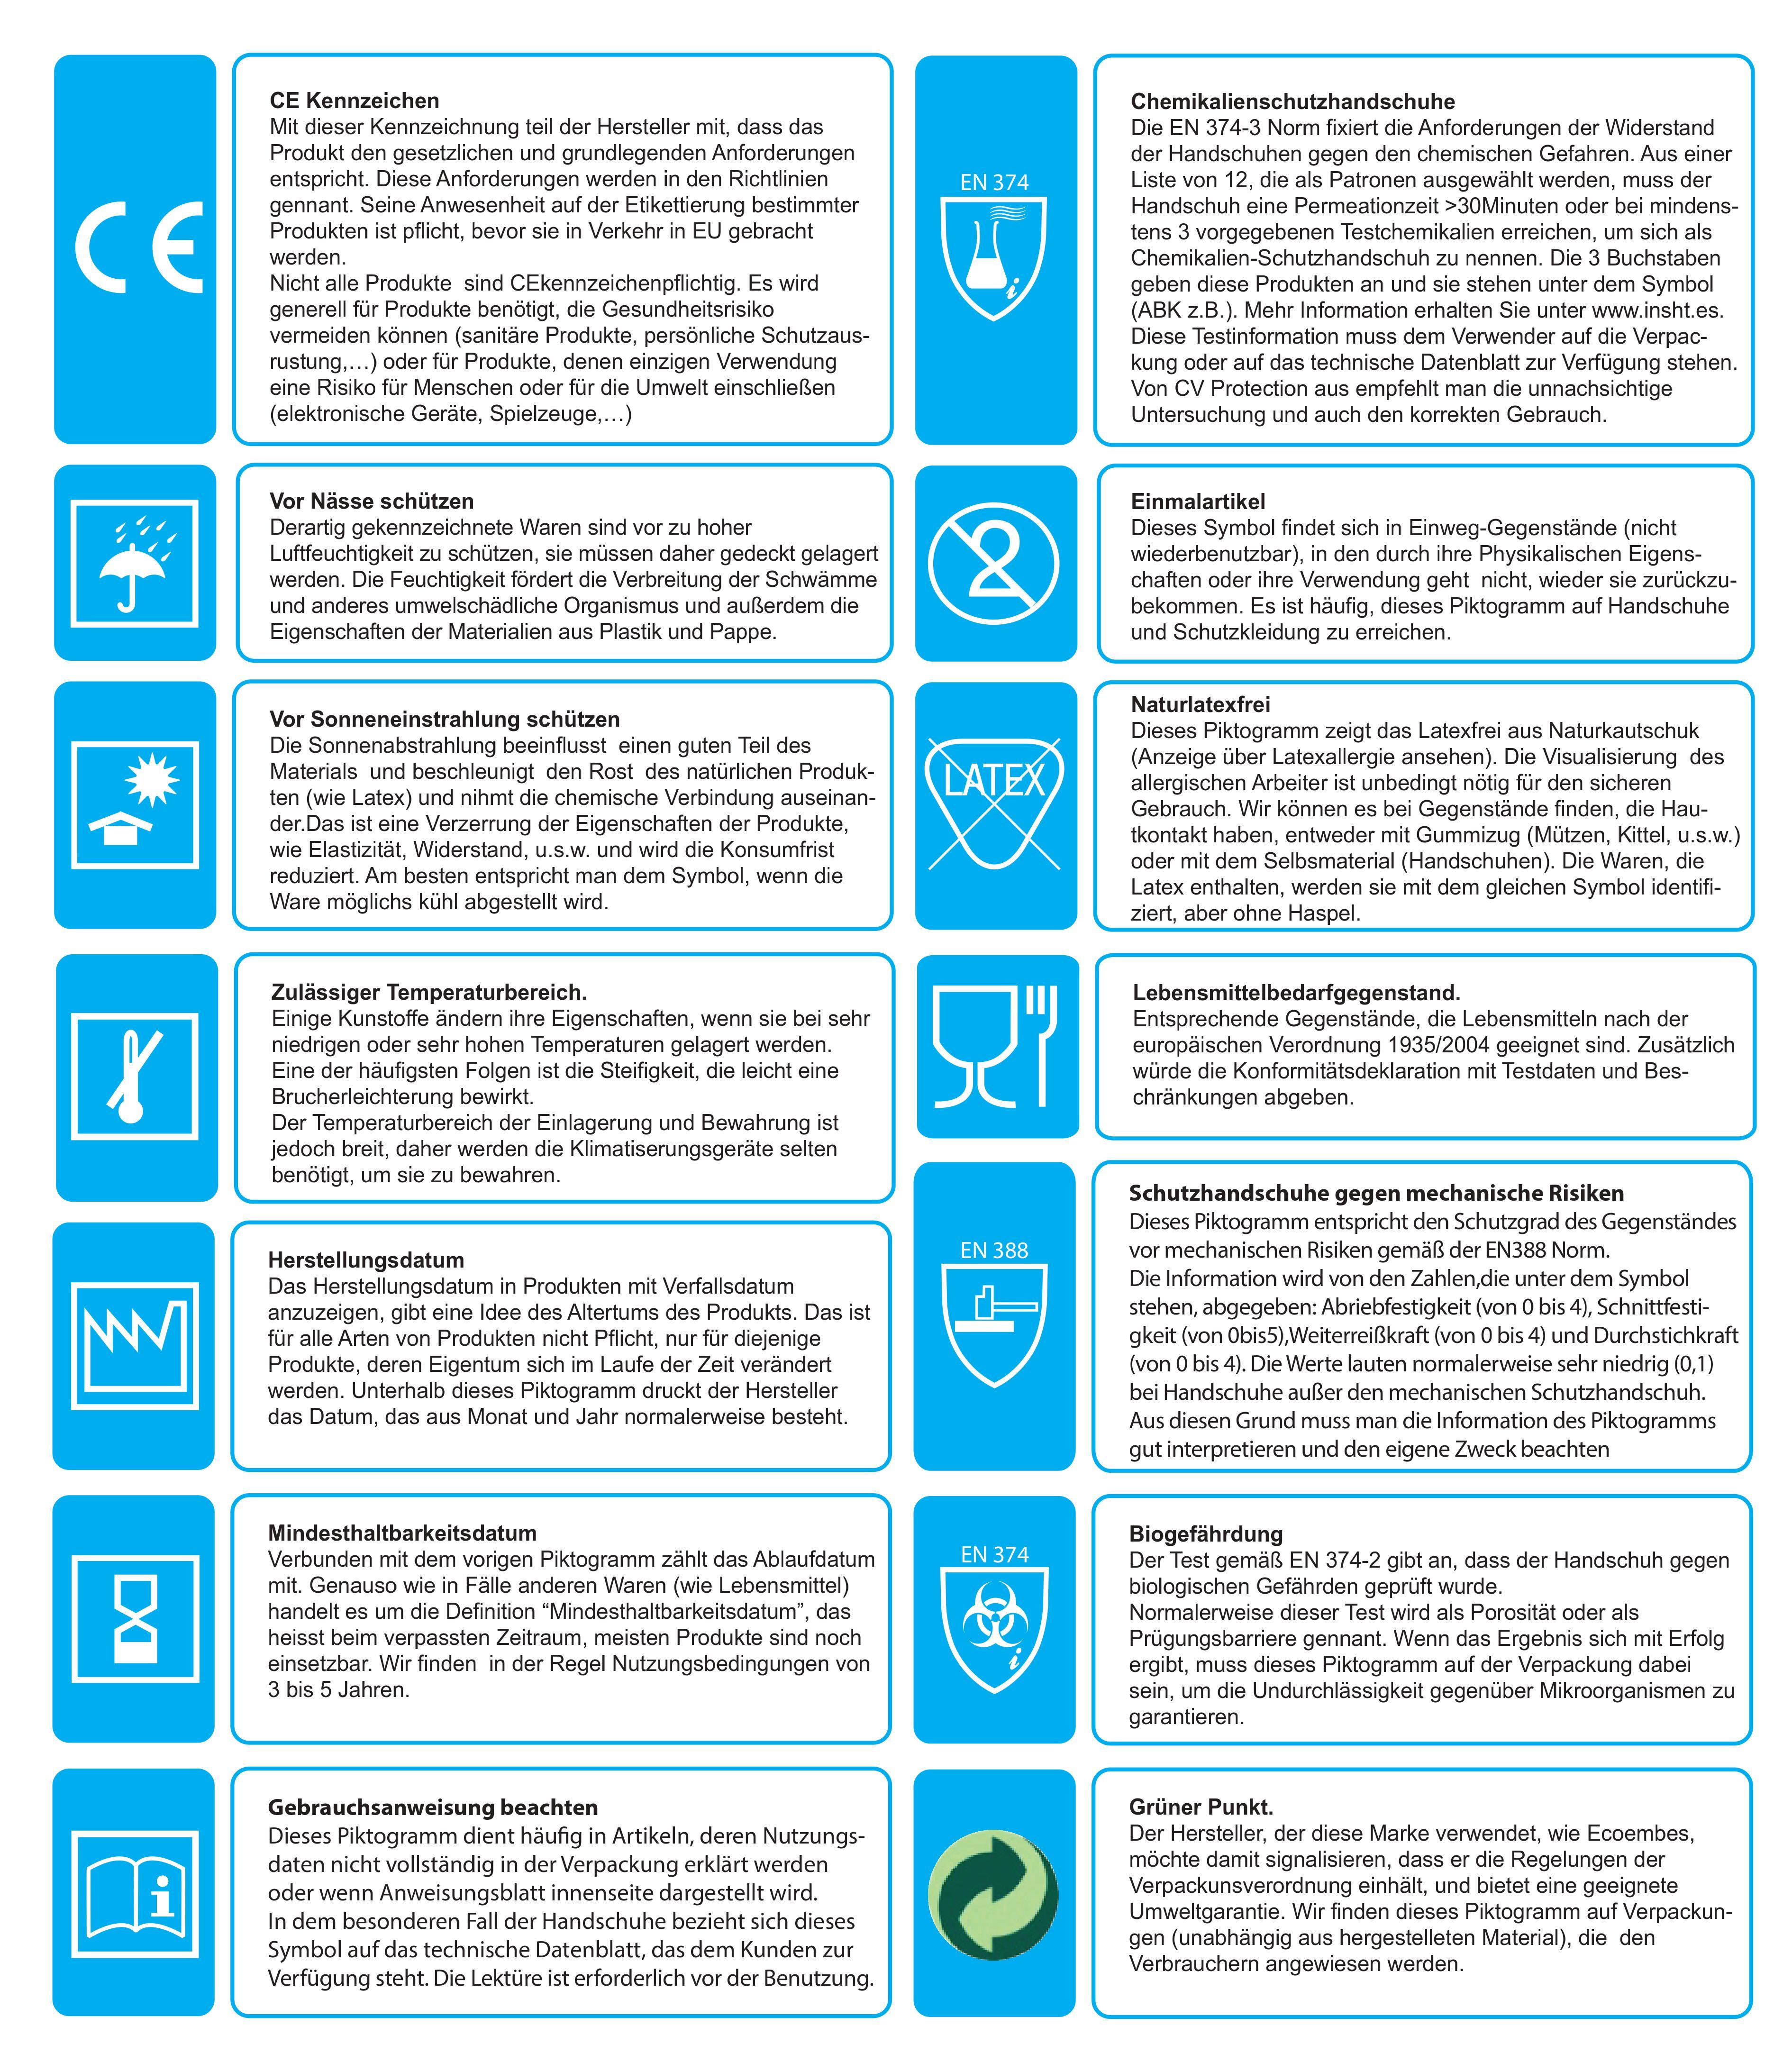 Piktogramme auf produktkennzeichnungen - Nitril, Vinyl ...